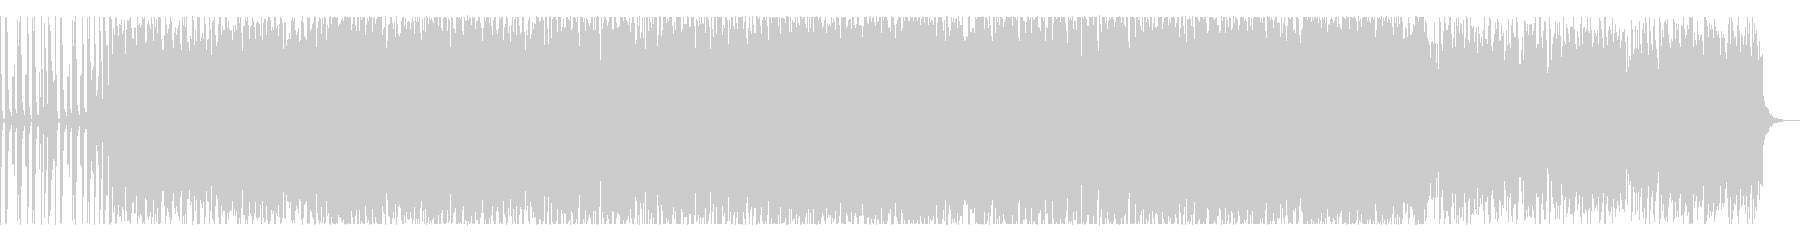 深海や洞窟をイメージしたセツナ系トラックの未再生の波形